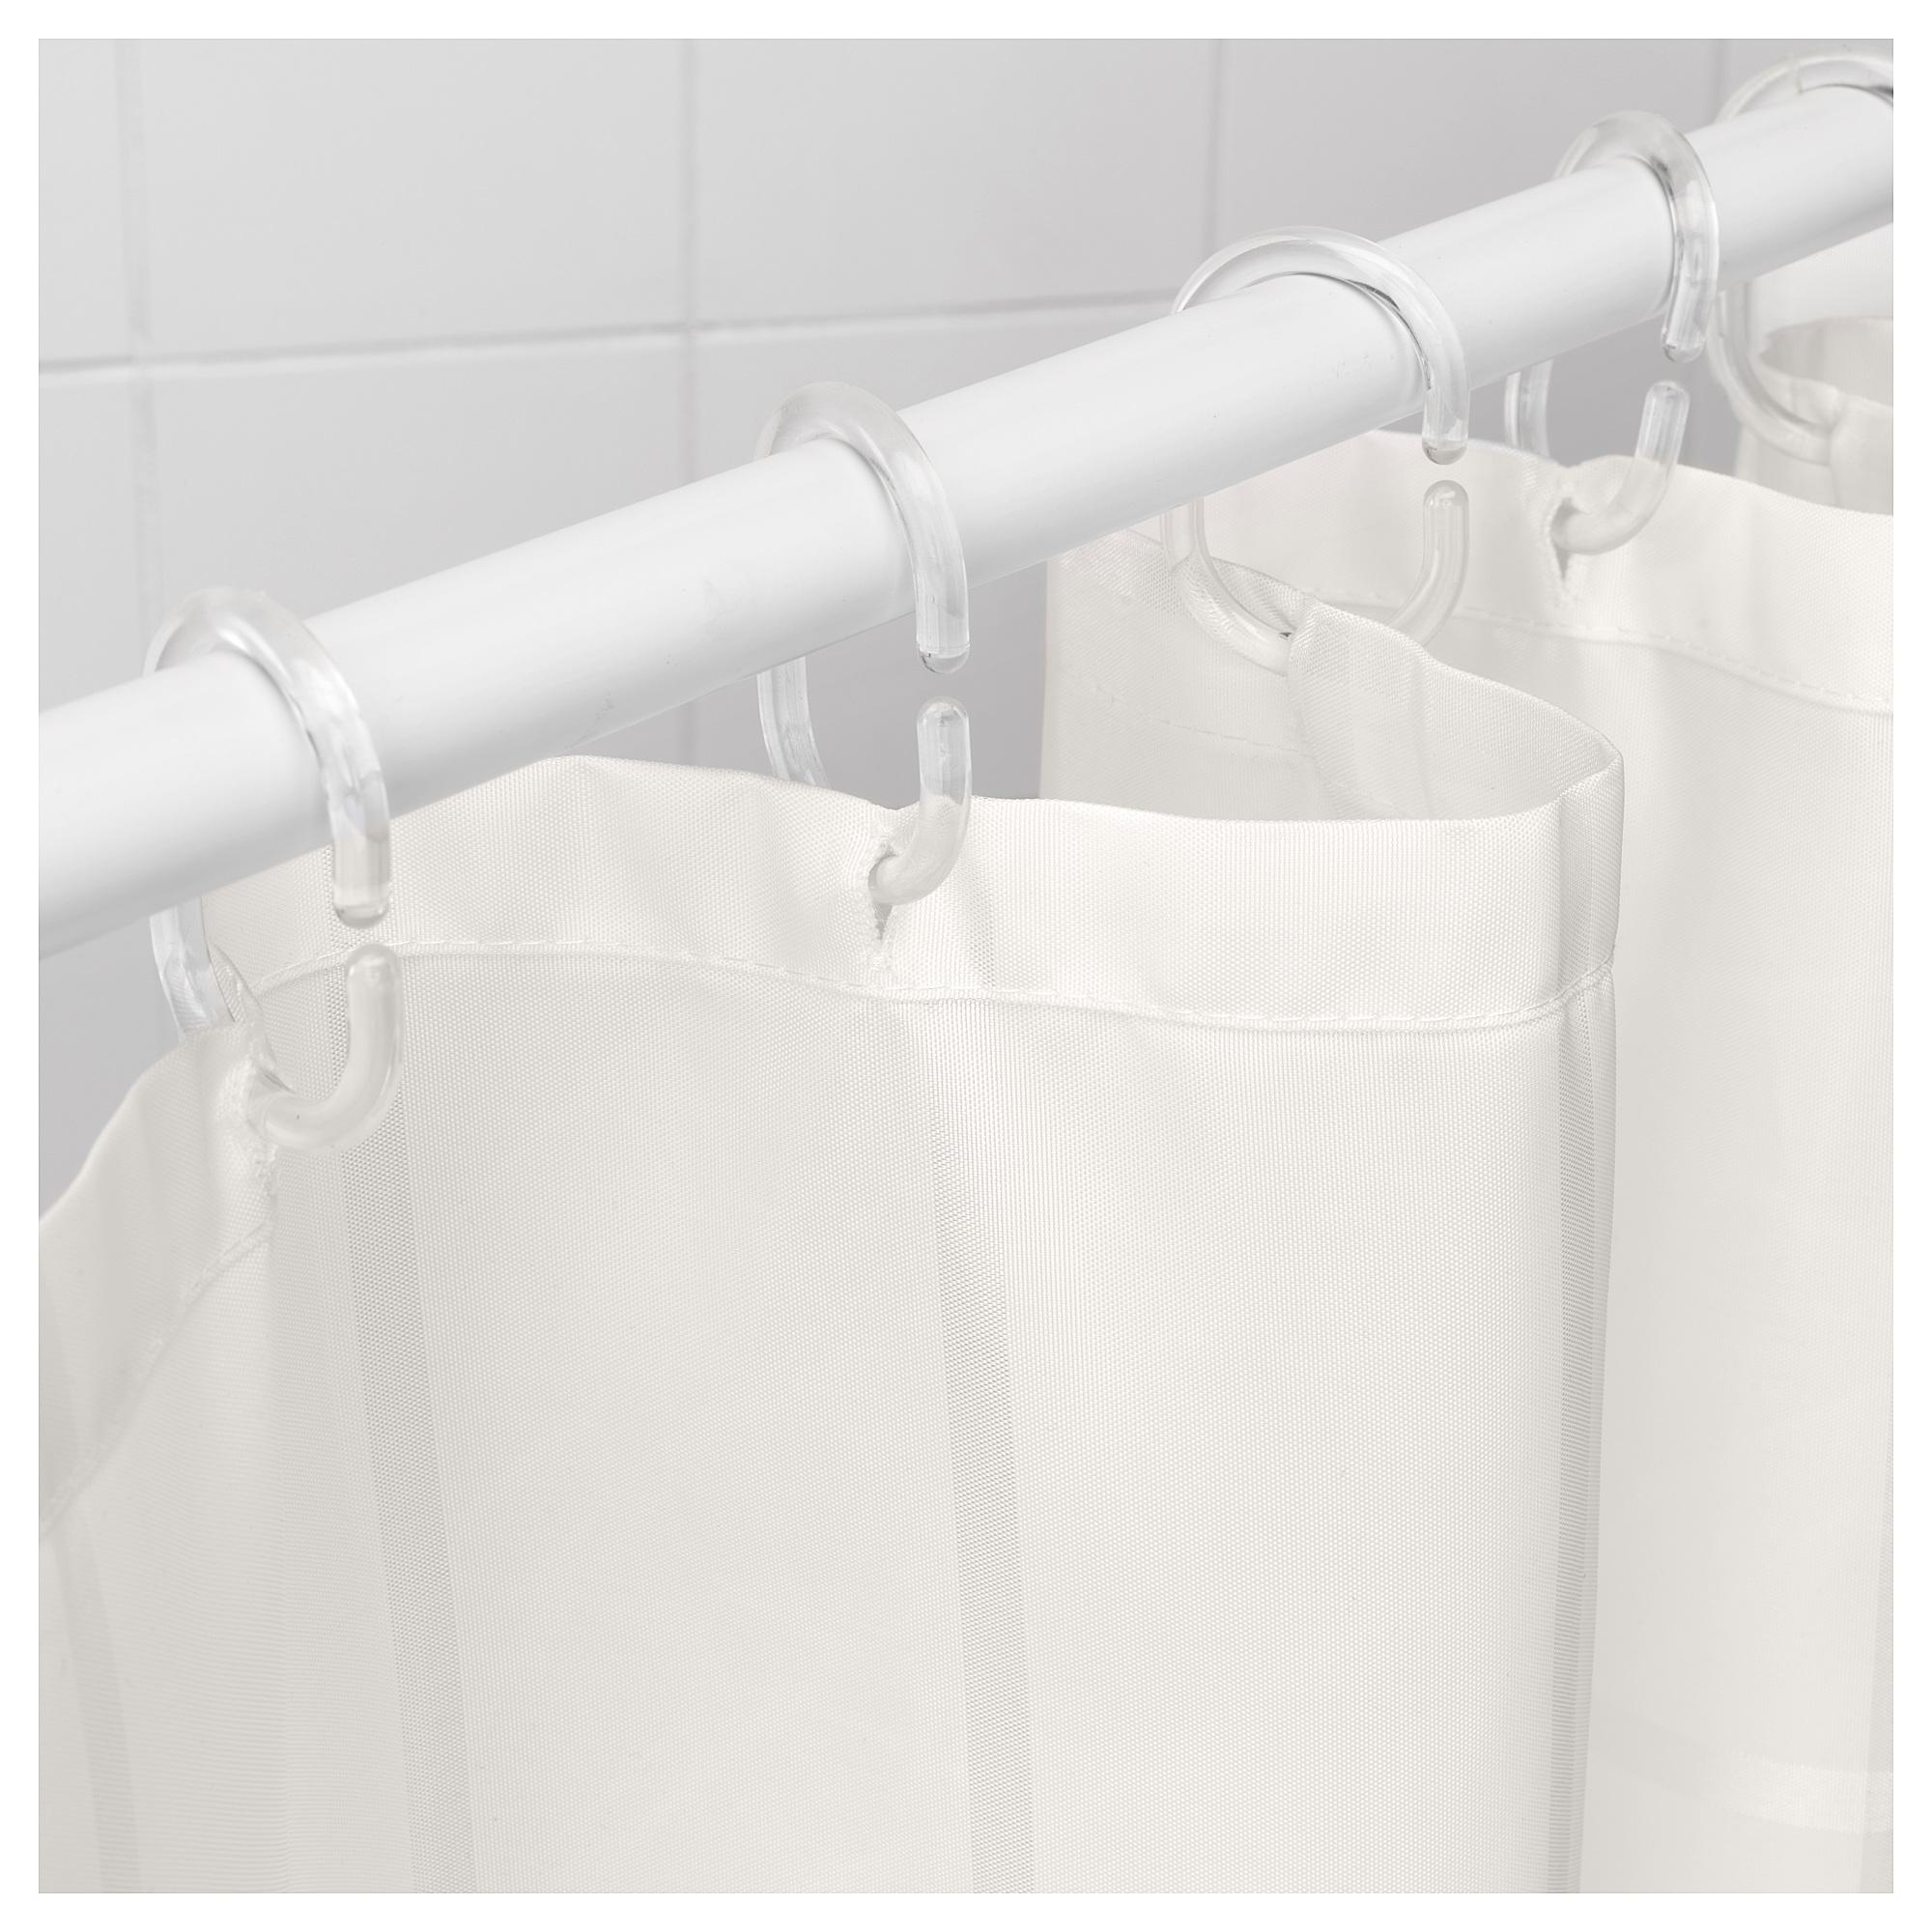 Klockaren Shower Curtain Off White Ikea Hong Kong